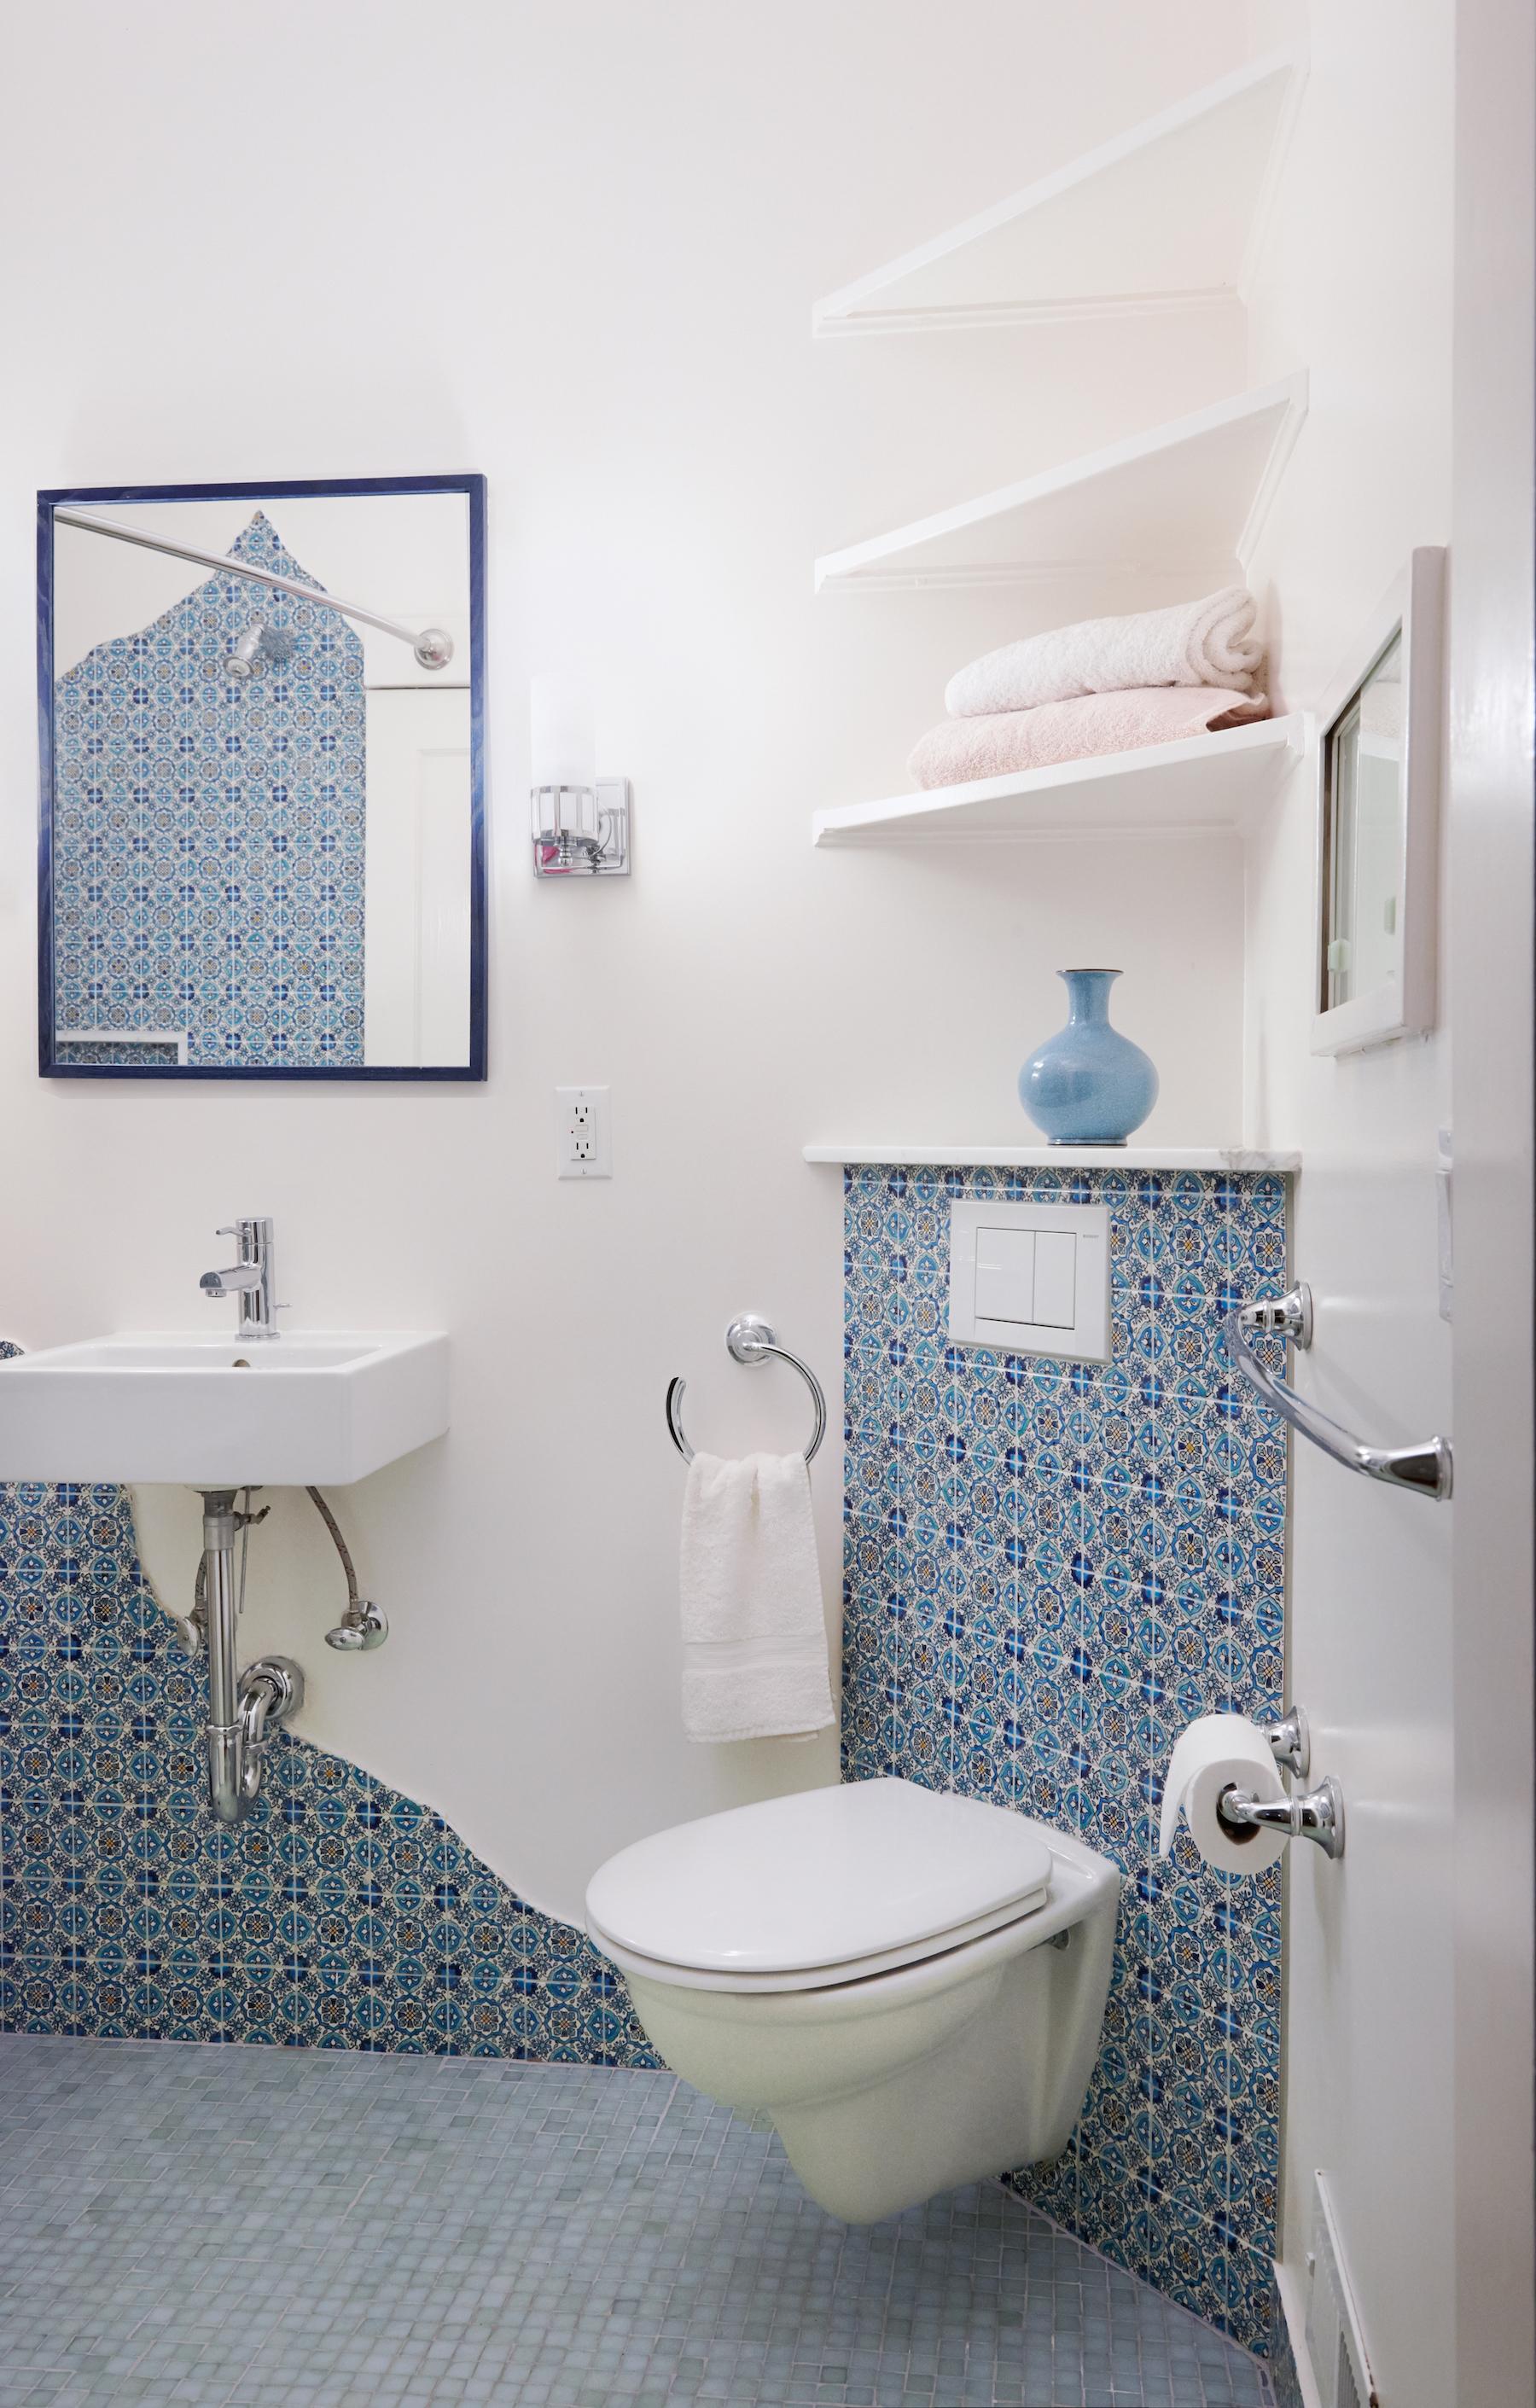 Corner toilet&barn door expand space